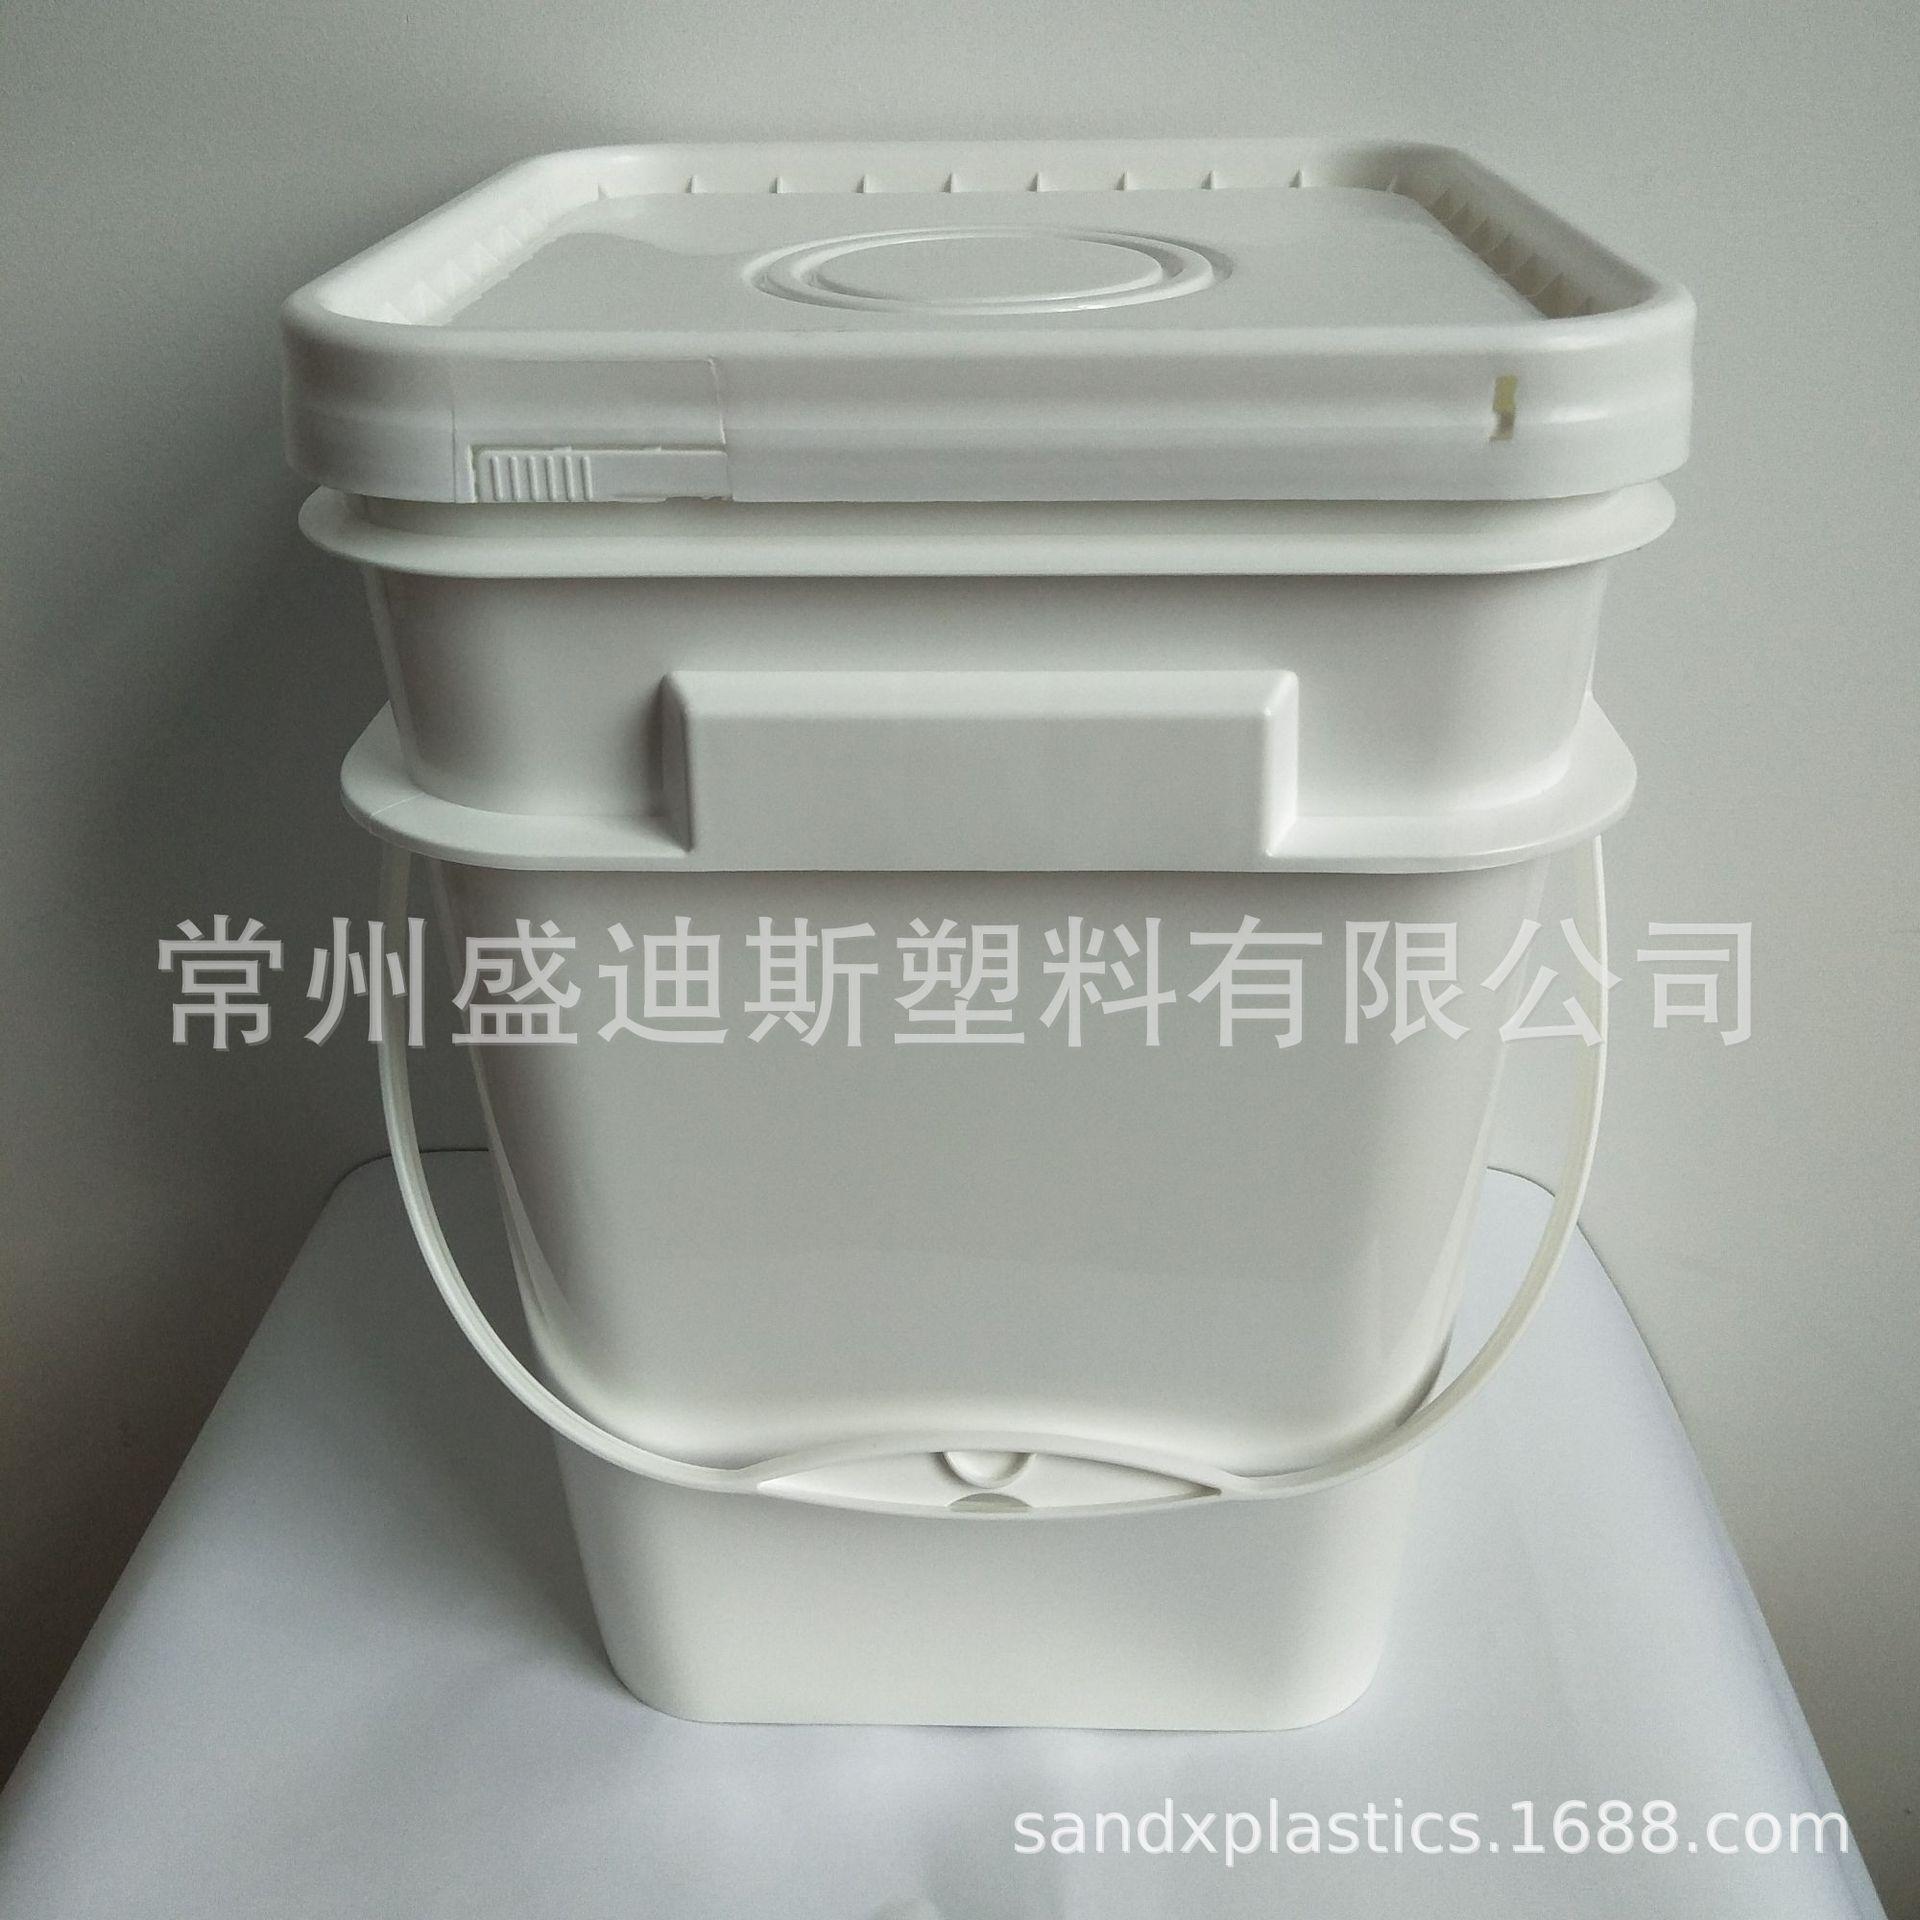 塑料方桶  乳胶漆塑料桶 乳胶漆方桶 15L塑料方桶